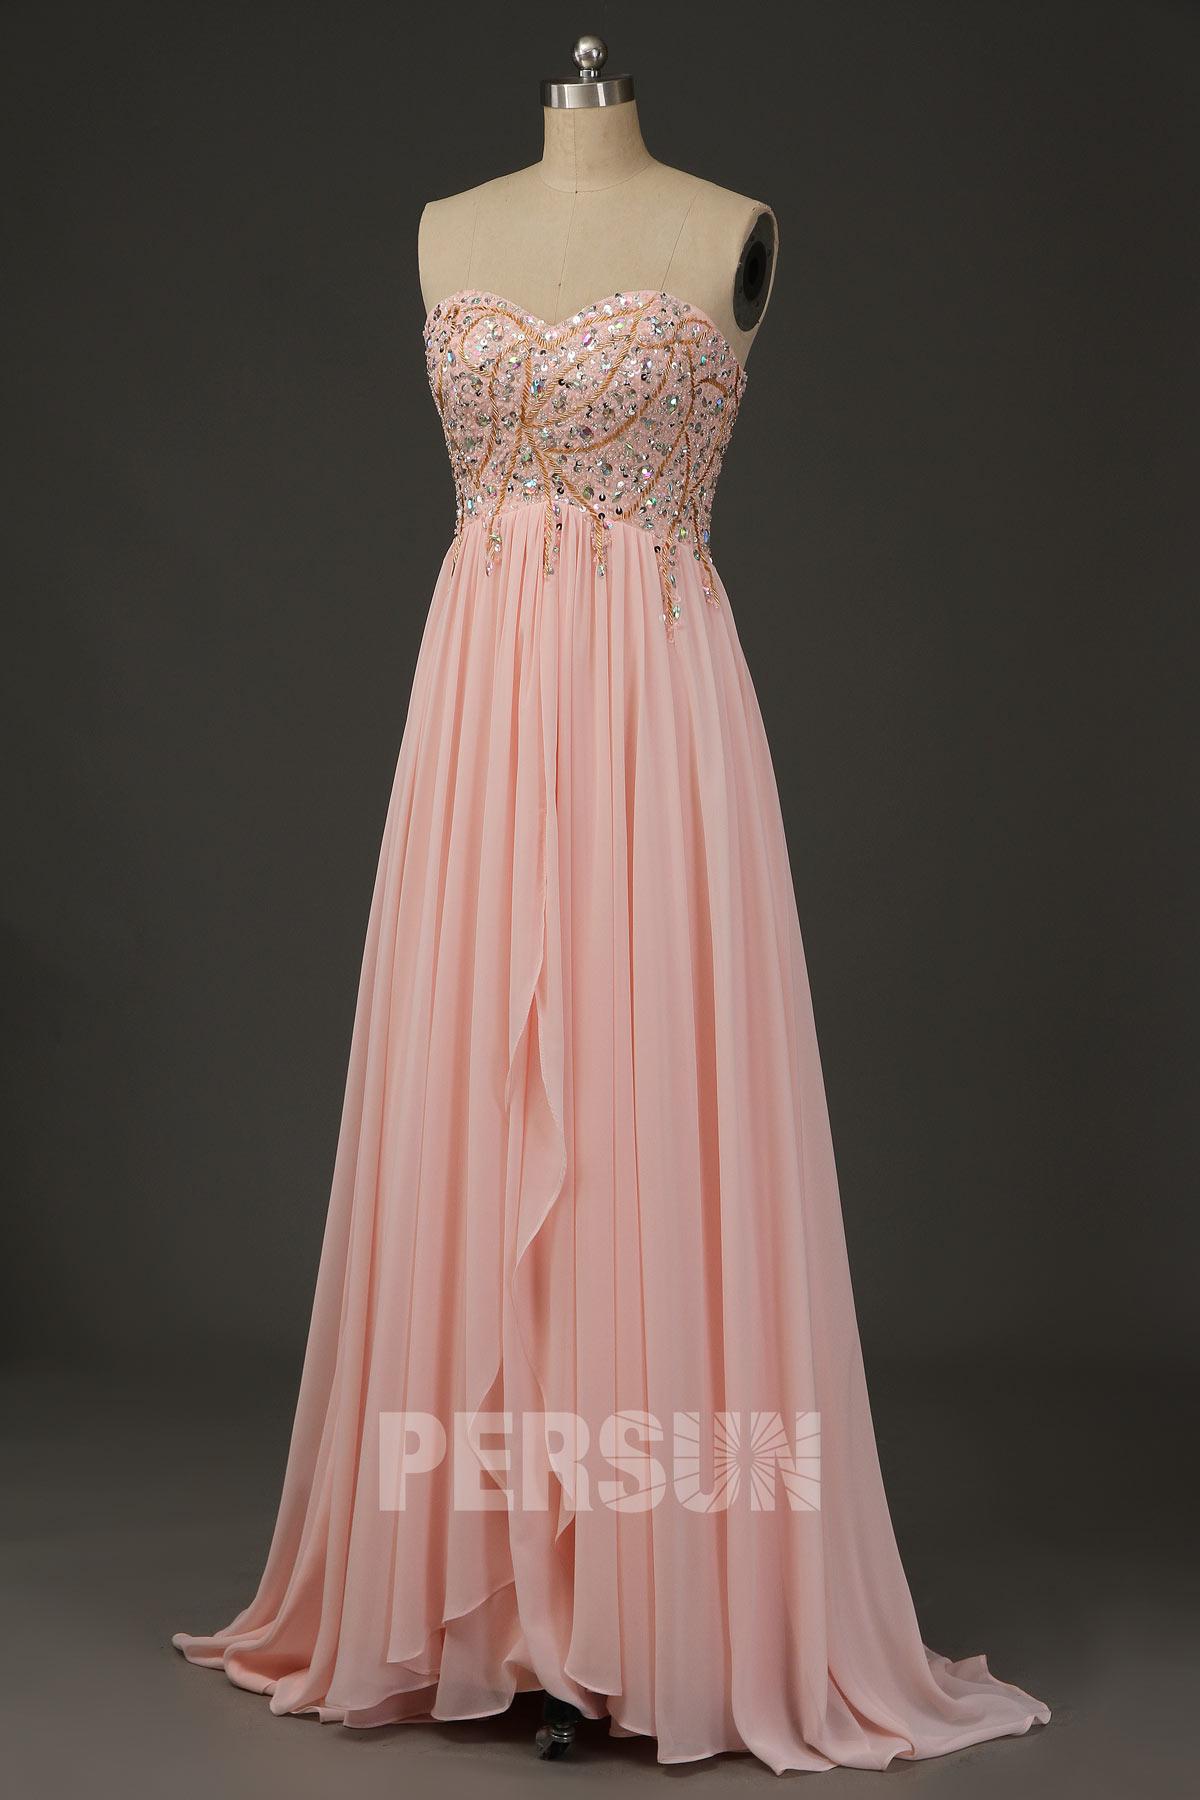 magnifique robe de cérémonie rose longue bustier coeur ornée de strass et sequins coloré